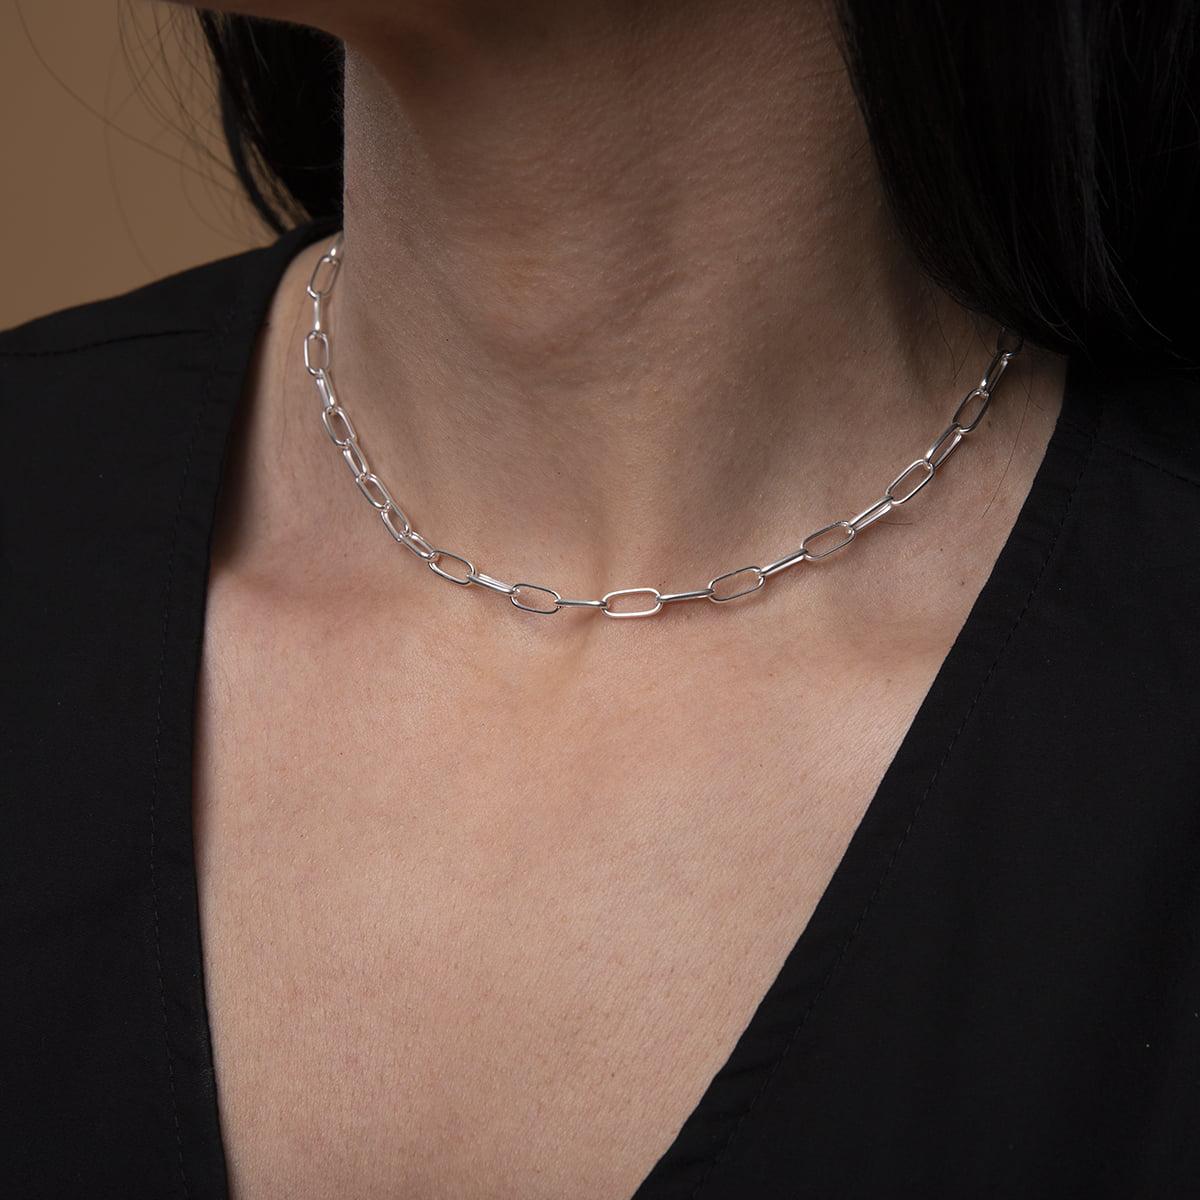 Lant din argint Manissi Chain